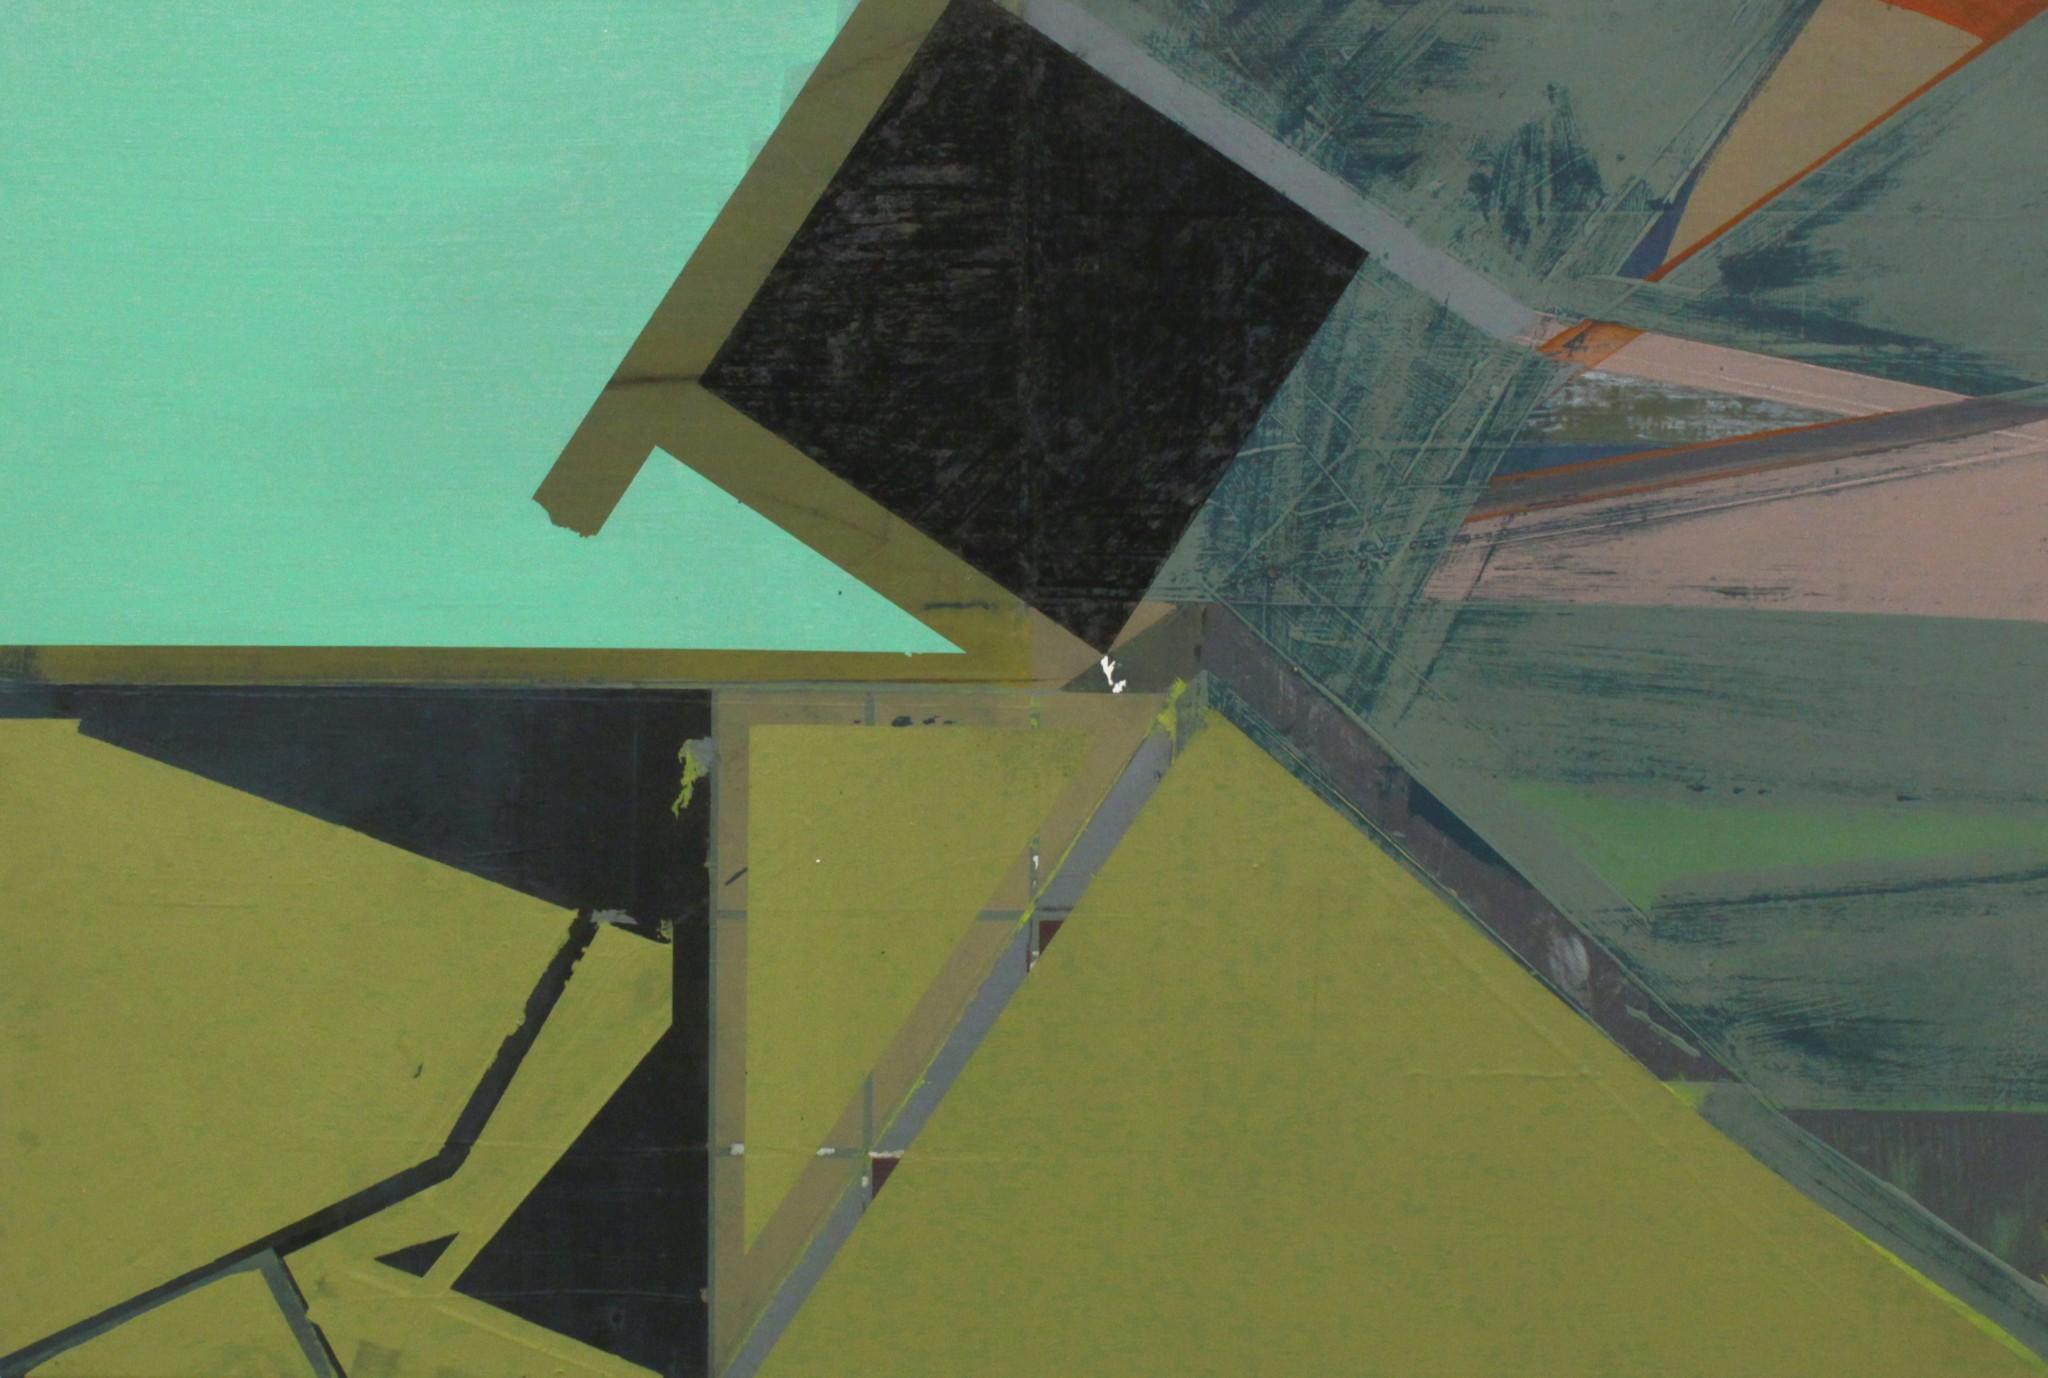 kol, olja på duk, 47 x 70 cm, 2019